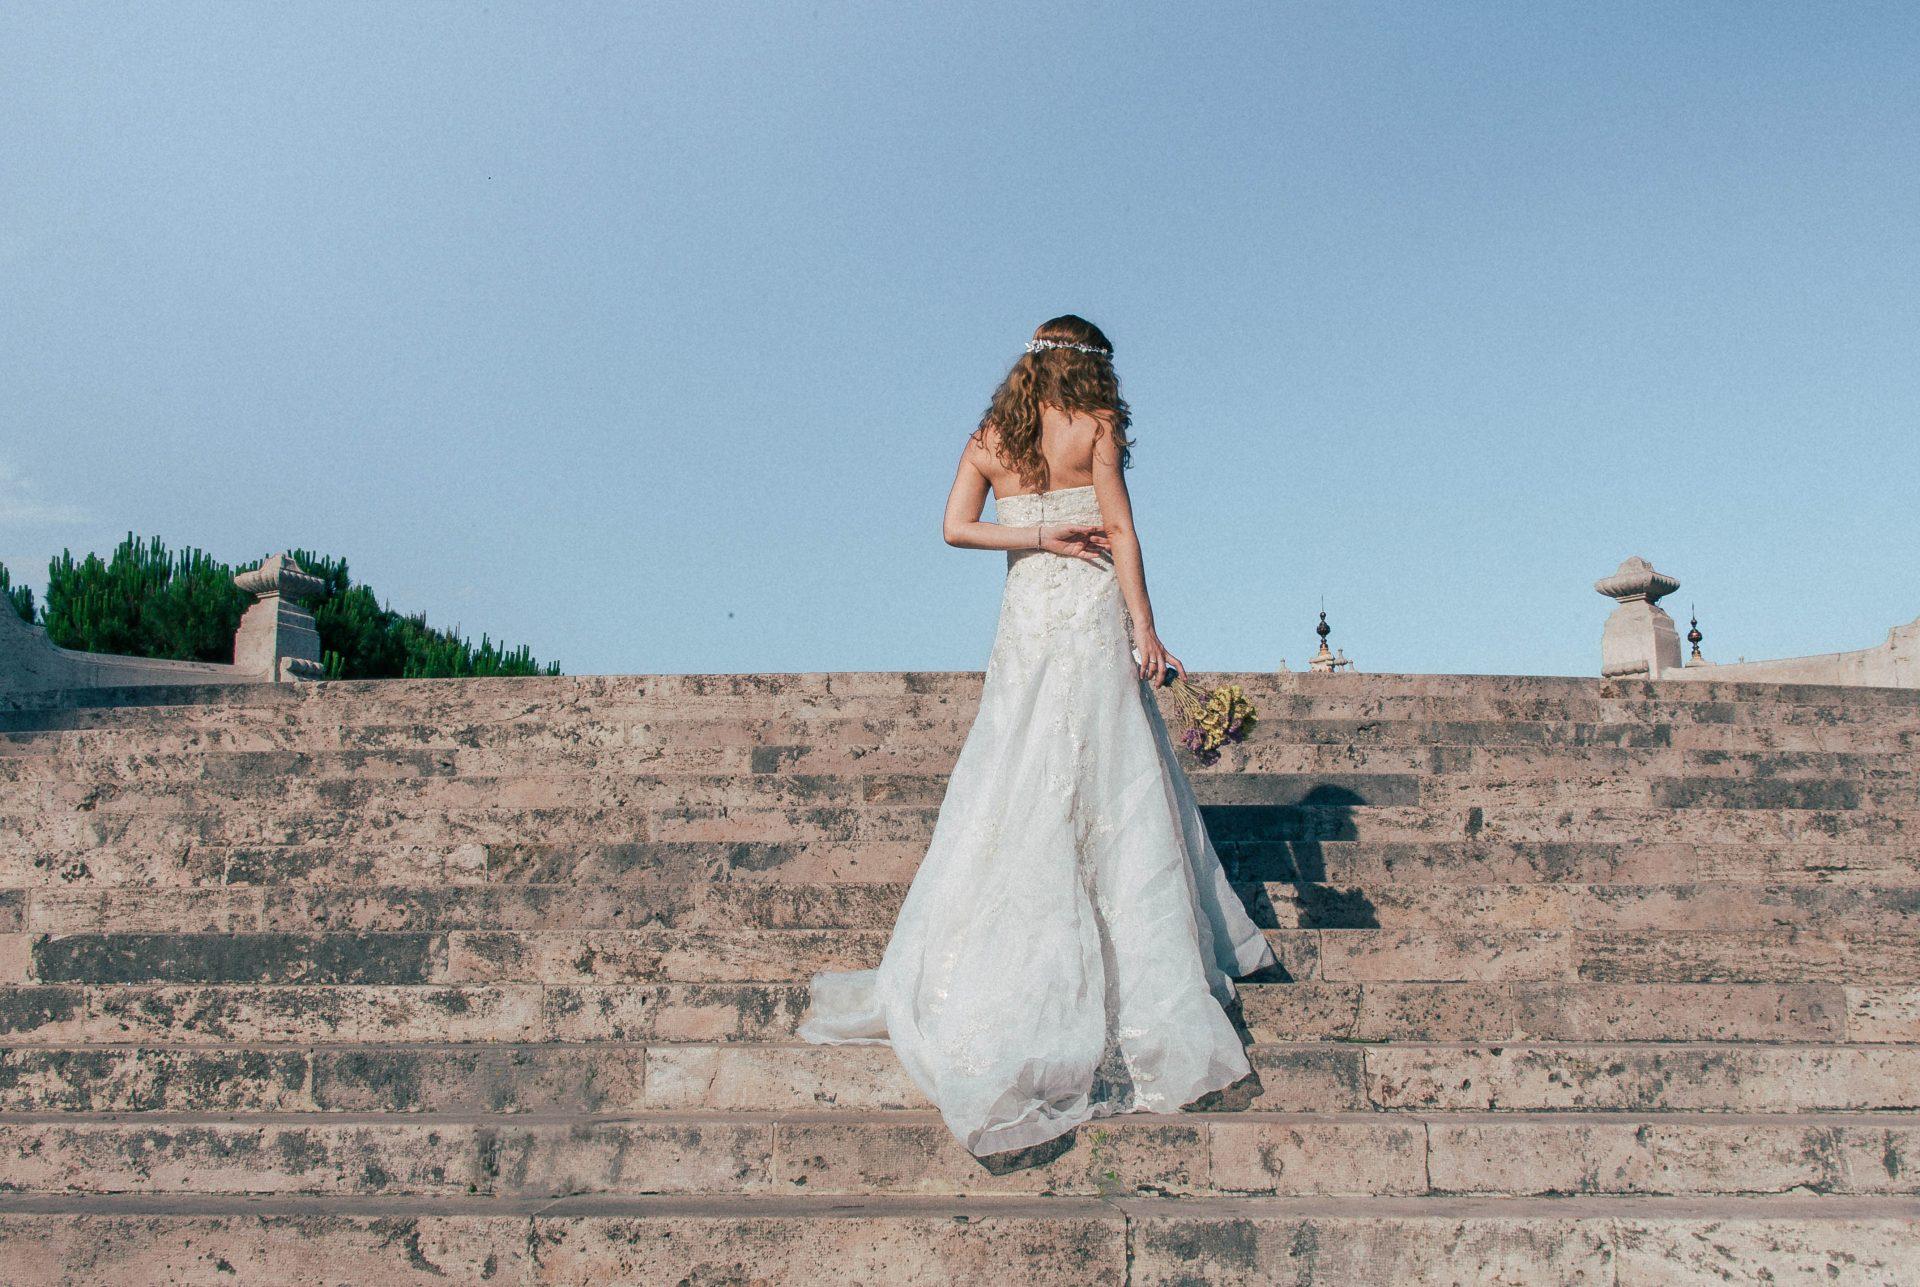 fotografo-de-bodas-valencia-ibiza-alicante-castellon-marbella-madrid-barcelona- 1999